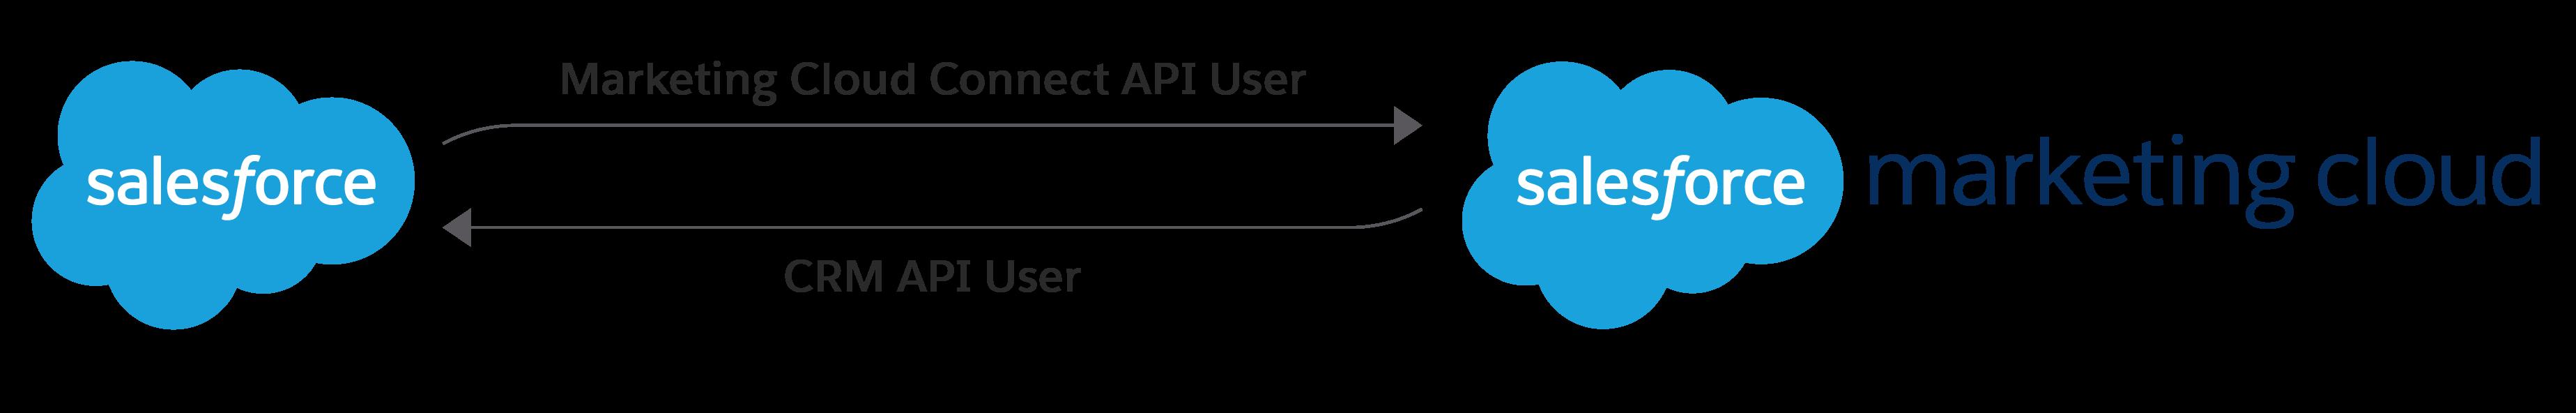 Schéma montrant l'utilisateur API MarketingCloudConnect et l'utilisateur APICRM établissant une connexion entre Salesforce et SalesforceMarketingCloud.